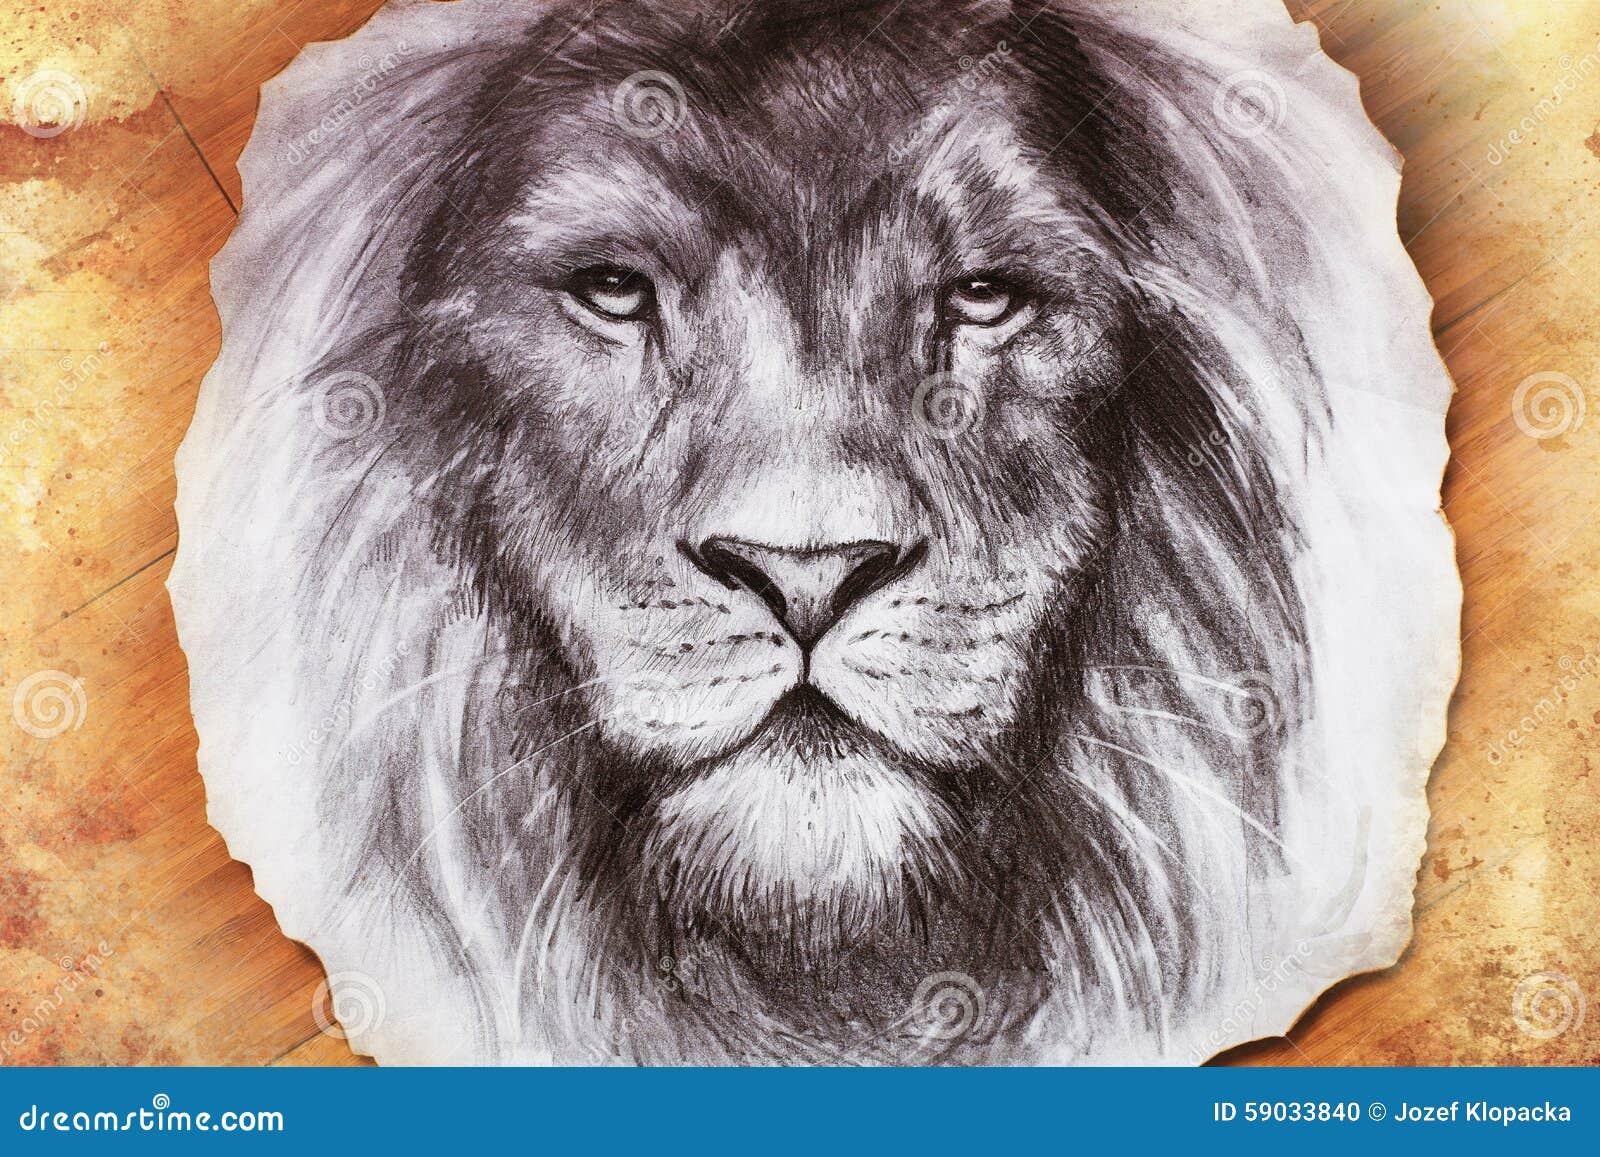 Dibujo De Una Cabeza Del León Con A Majestuoso Stock De